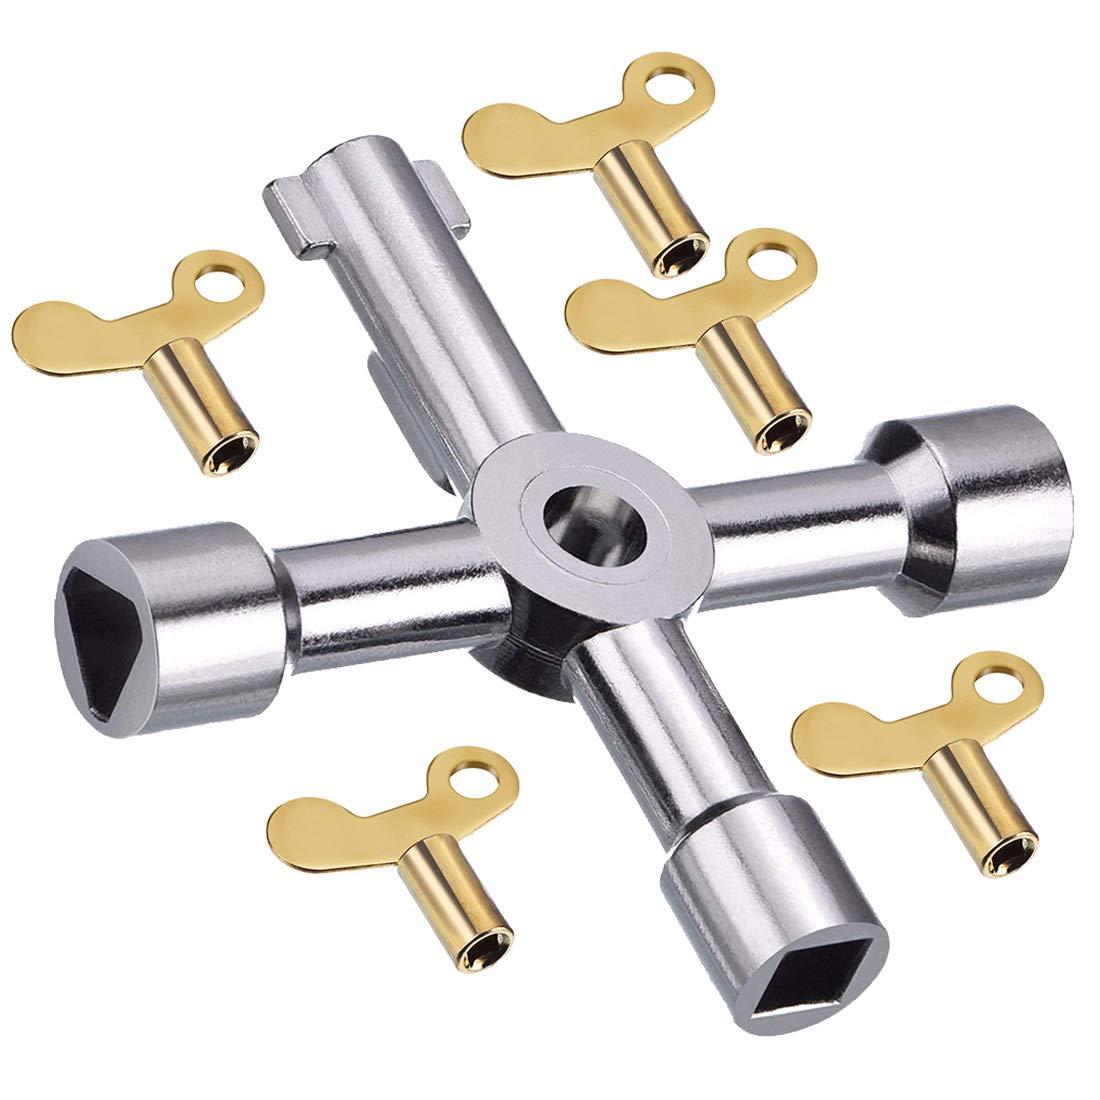 Assortiment de clés de purge pour radiateur Multicolore, 6 clés utilitaires en vrac pour assortiment d'atelier, multifonctions pour kit de clé d'ouverture de meuble de compteur de gaz d'eau électrique Vidillo